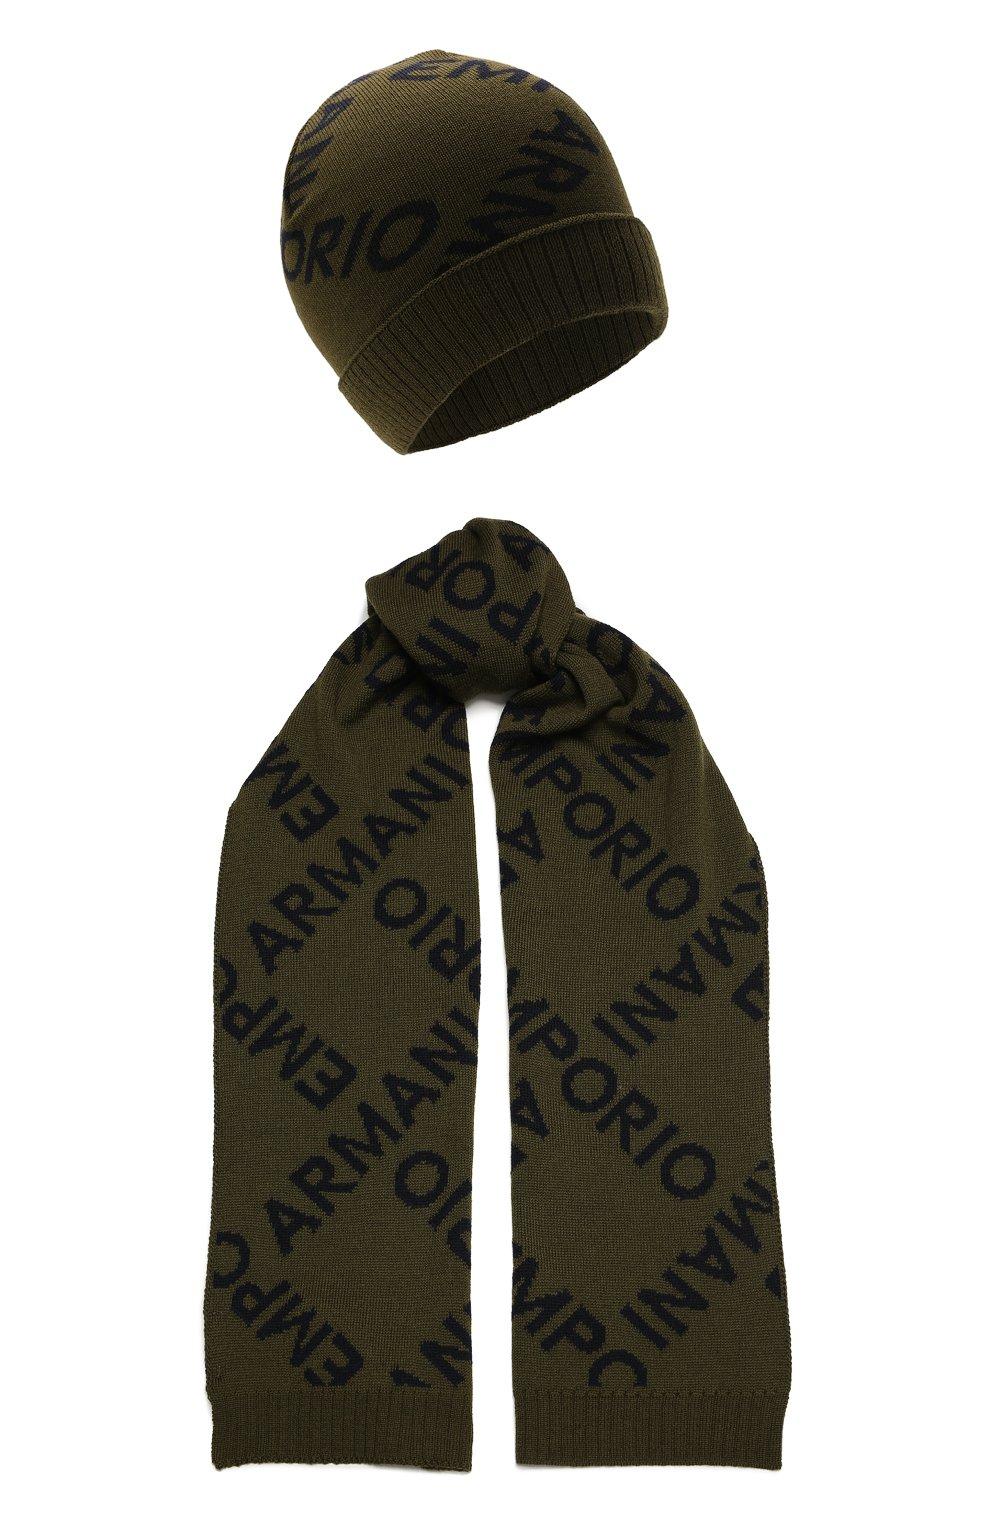 Детский комплект из шапки и шарфа EMPORIO ARMANI хаки цвета, арт. 407513/1A765 | Фото 1 (Материал: Шерсть)